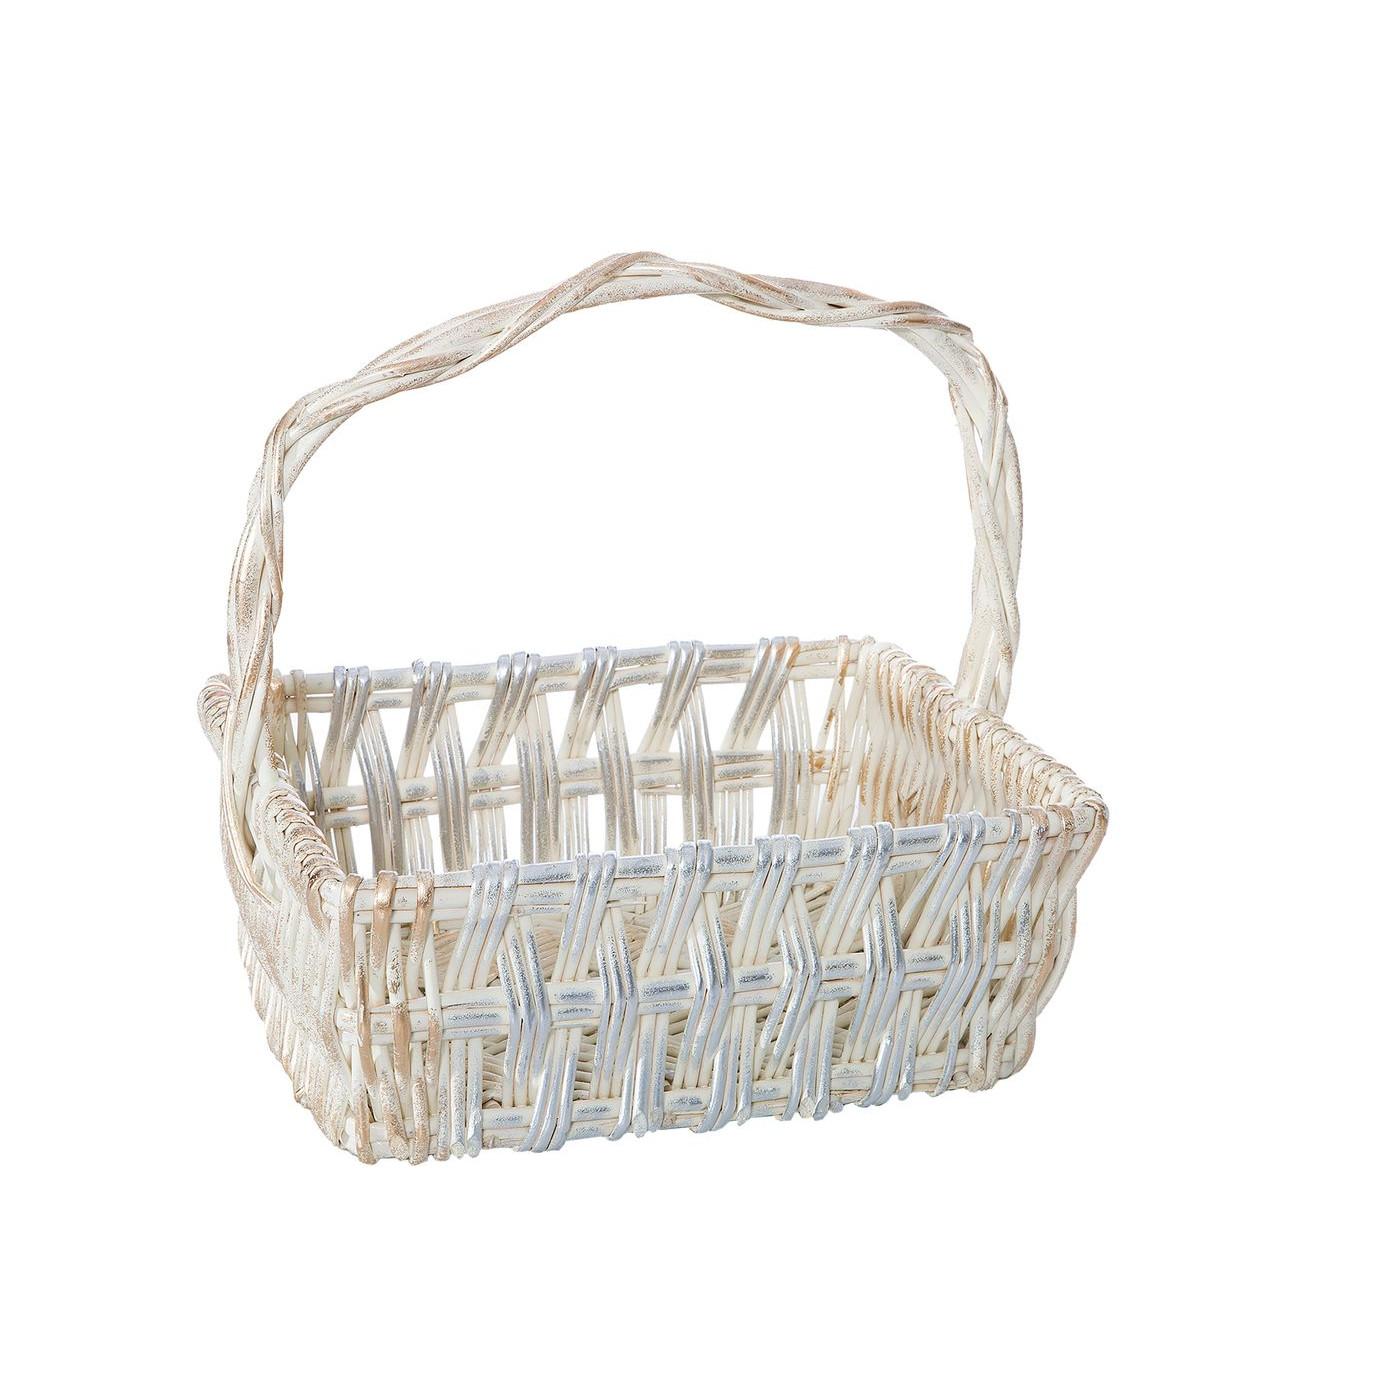 Koszyk z naturalnej wikliny 42 x 31 x 16 cm biało-złoty